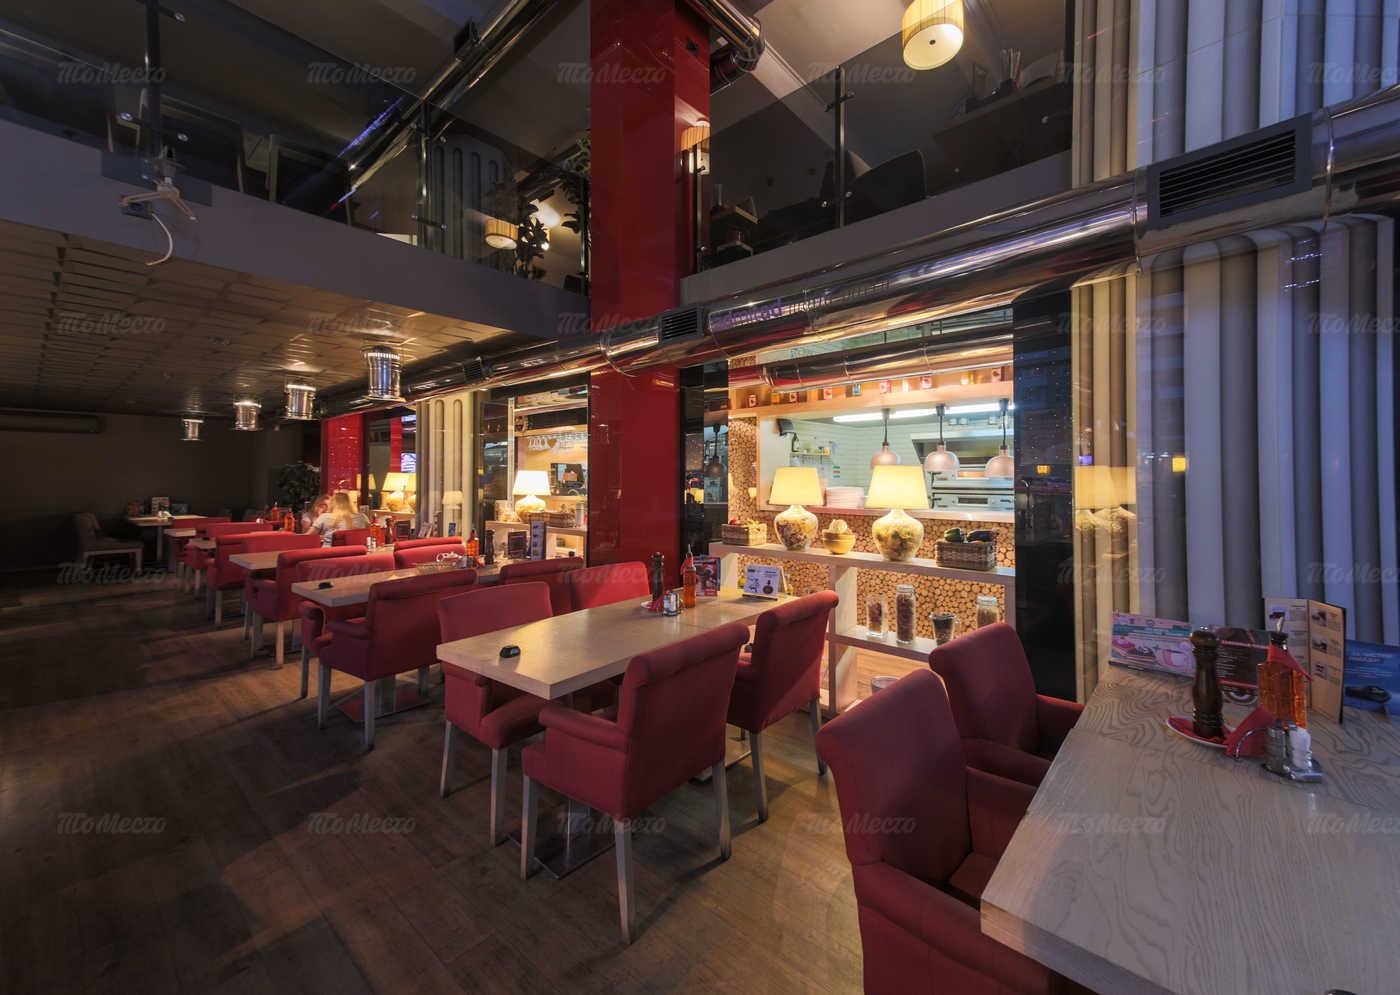 Меню кафе, ресторана Перчини РыбаРис на Краснопрудной улице